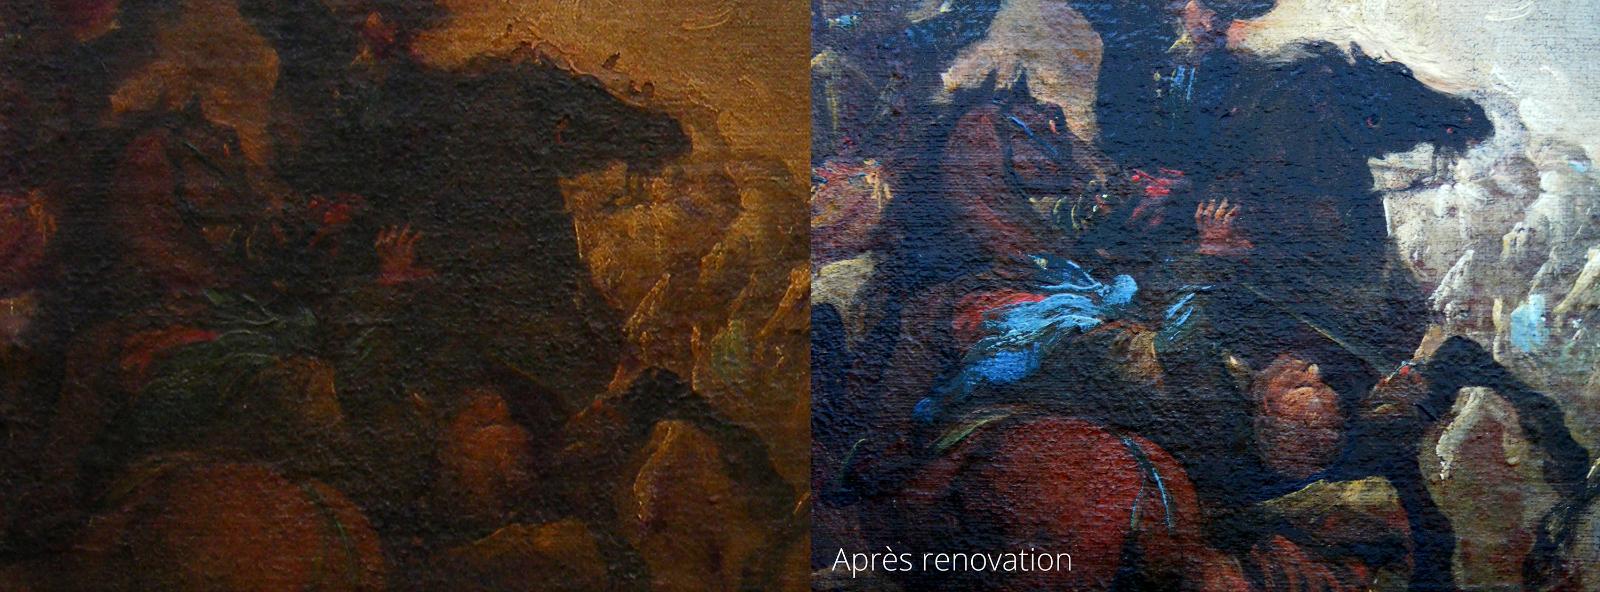 travail de restauration 13 à Mer │ Dominique Eymond